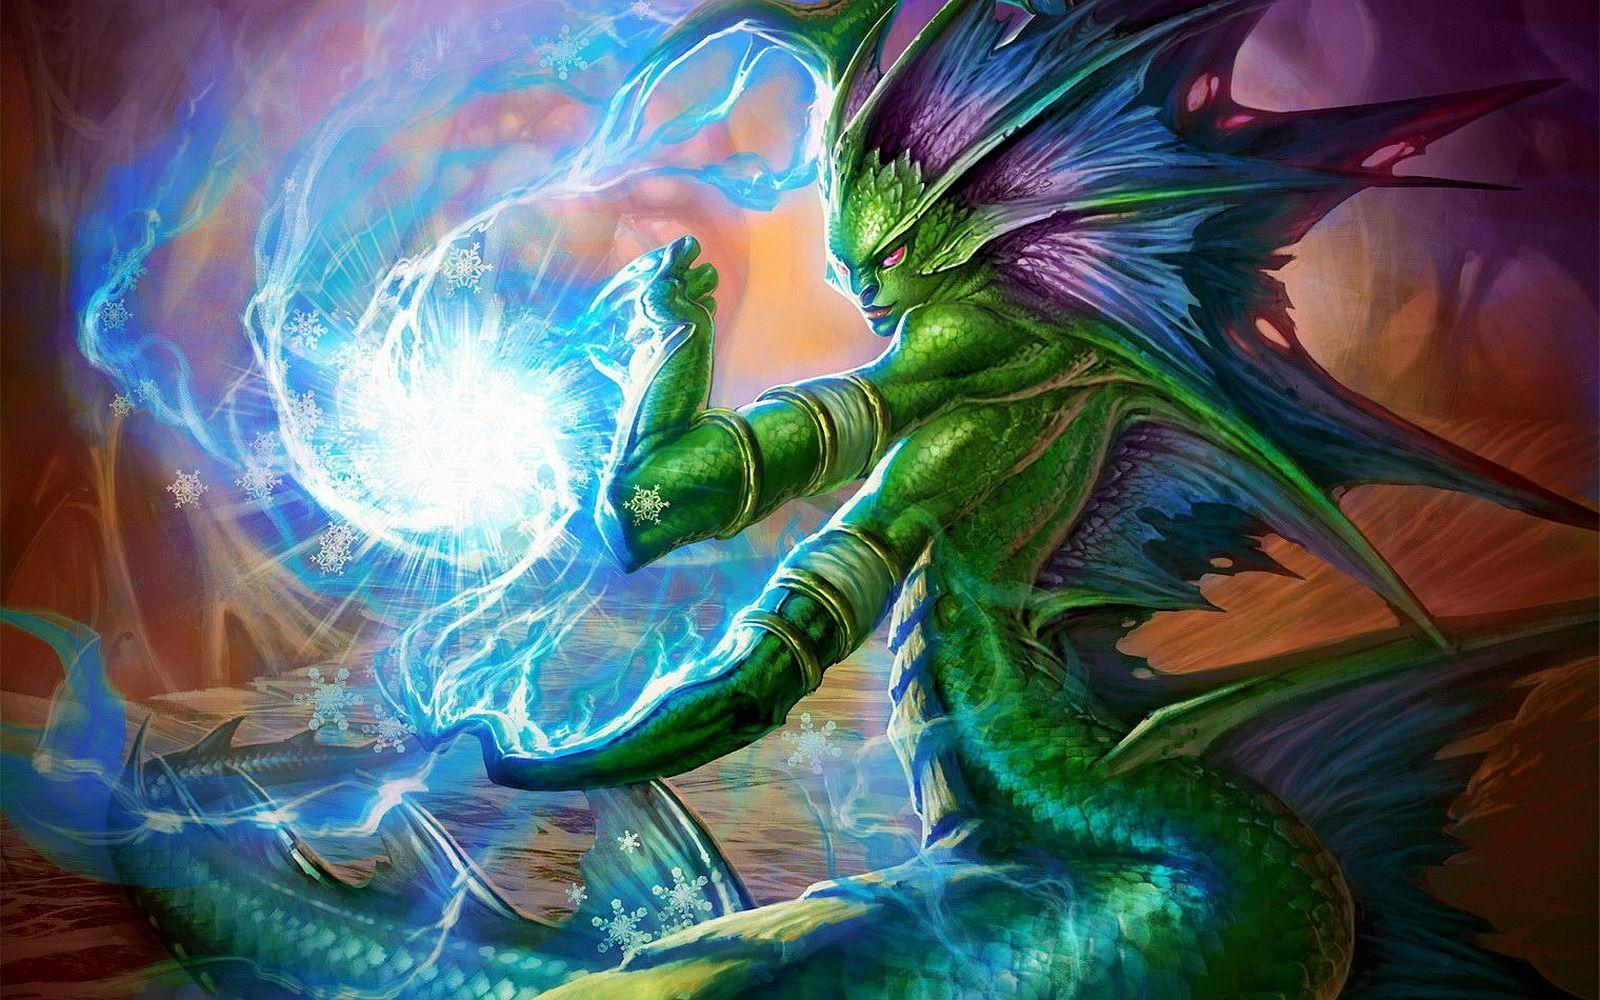 Los naga consiguen apoderarse del control de las aguas del mundo al raptar a un Señor Elemental que los combatía. ¿A quién?